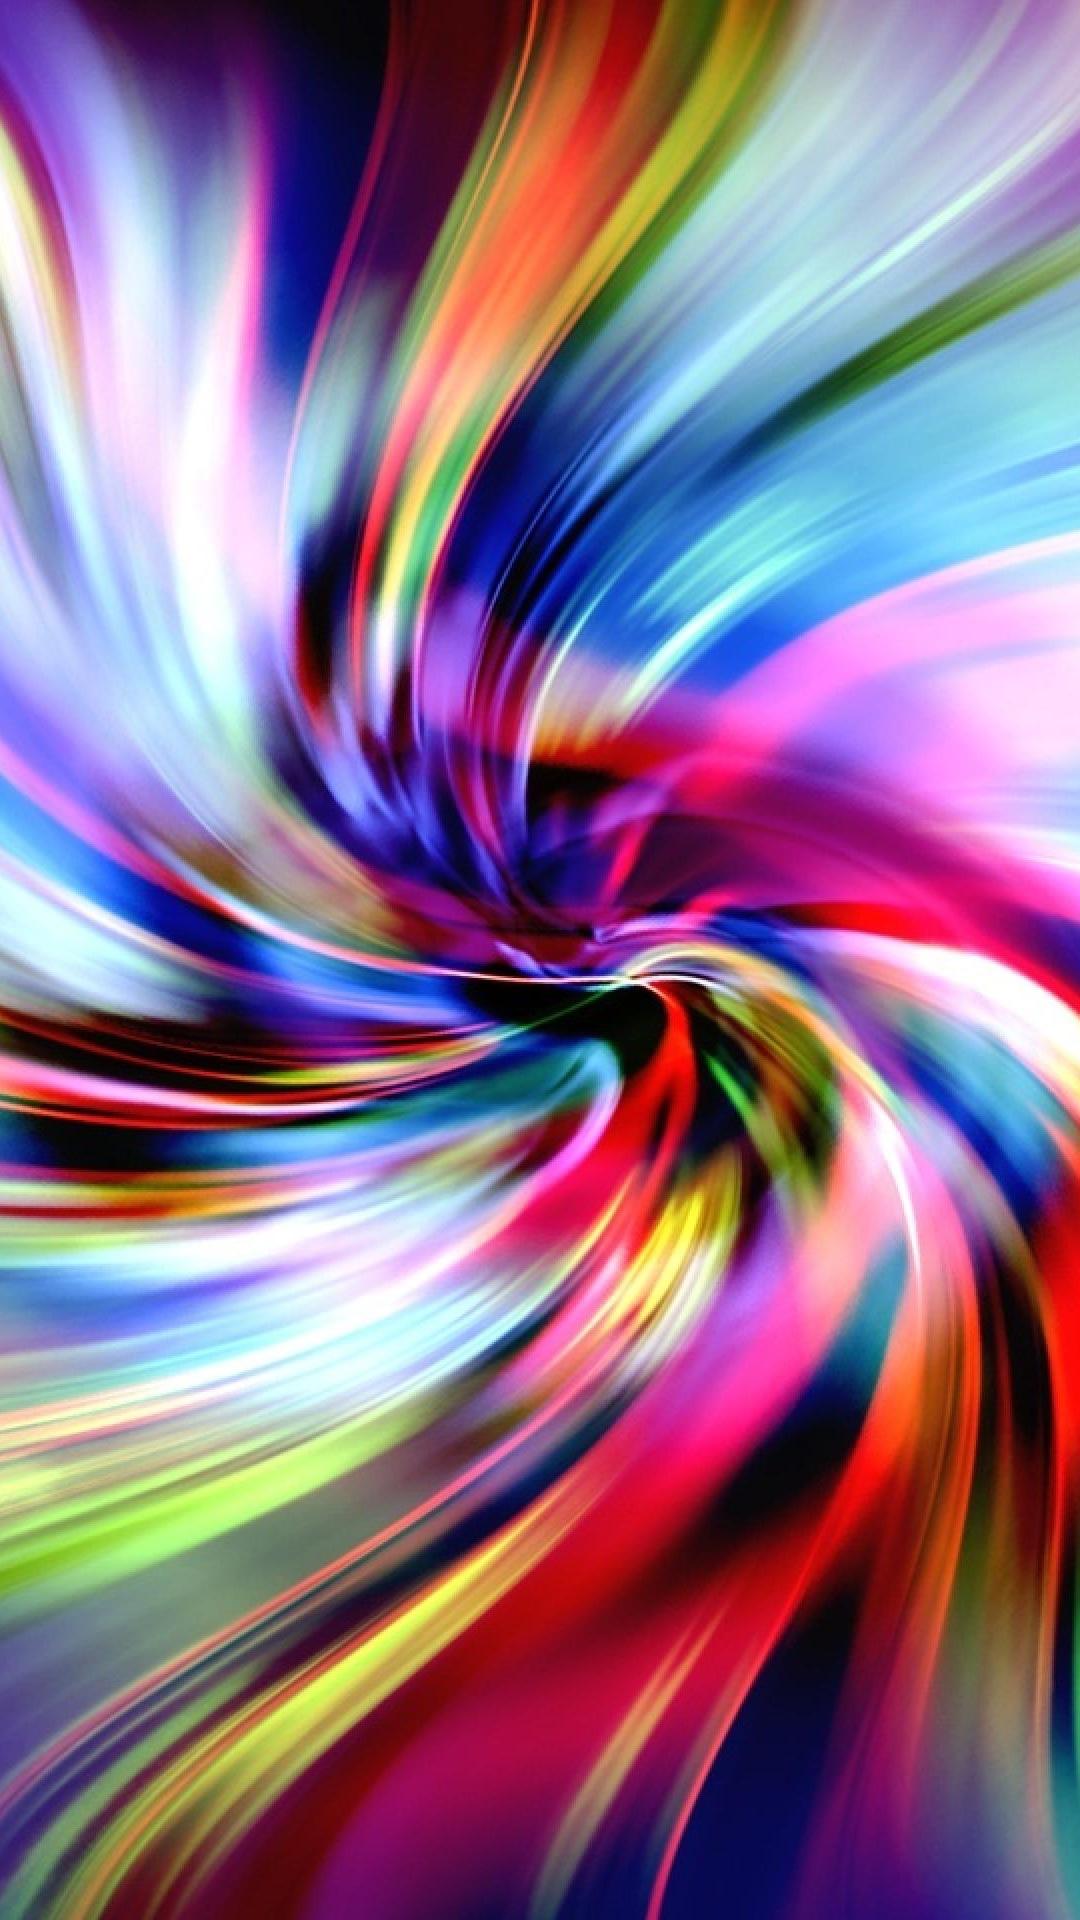 Wallpaper Weekends Like Tie Dye Your Device Man 1080x1920